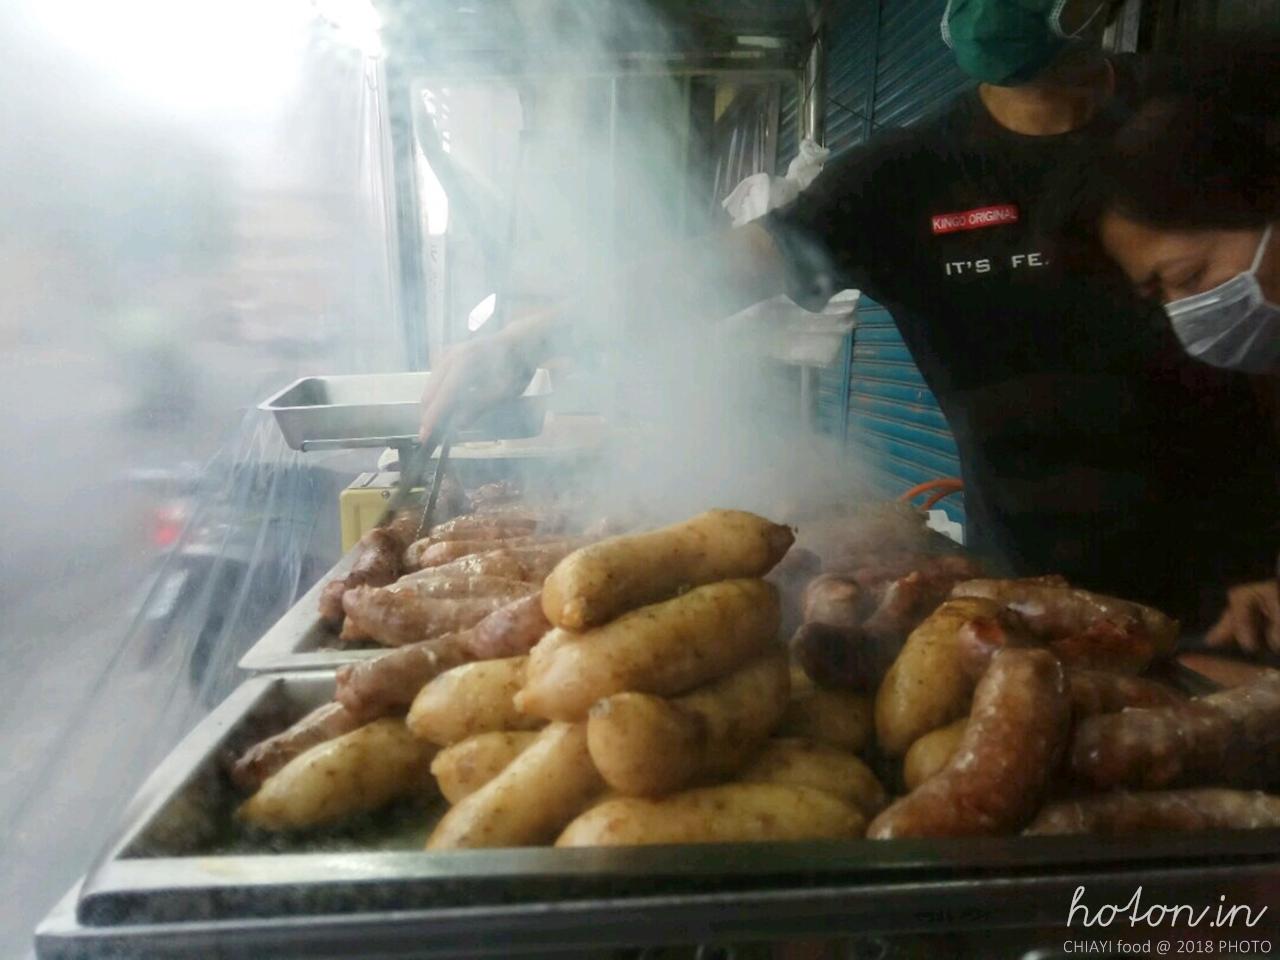 【嘉義食記】六腳 / 20年老店無名大腸加香腸.蒜頭村的傳統美味